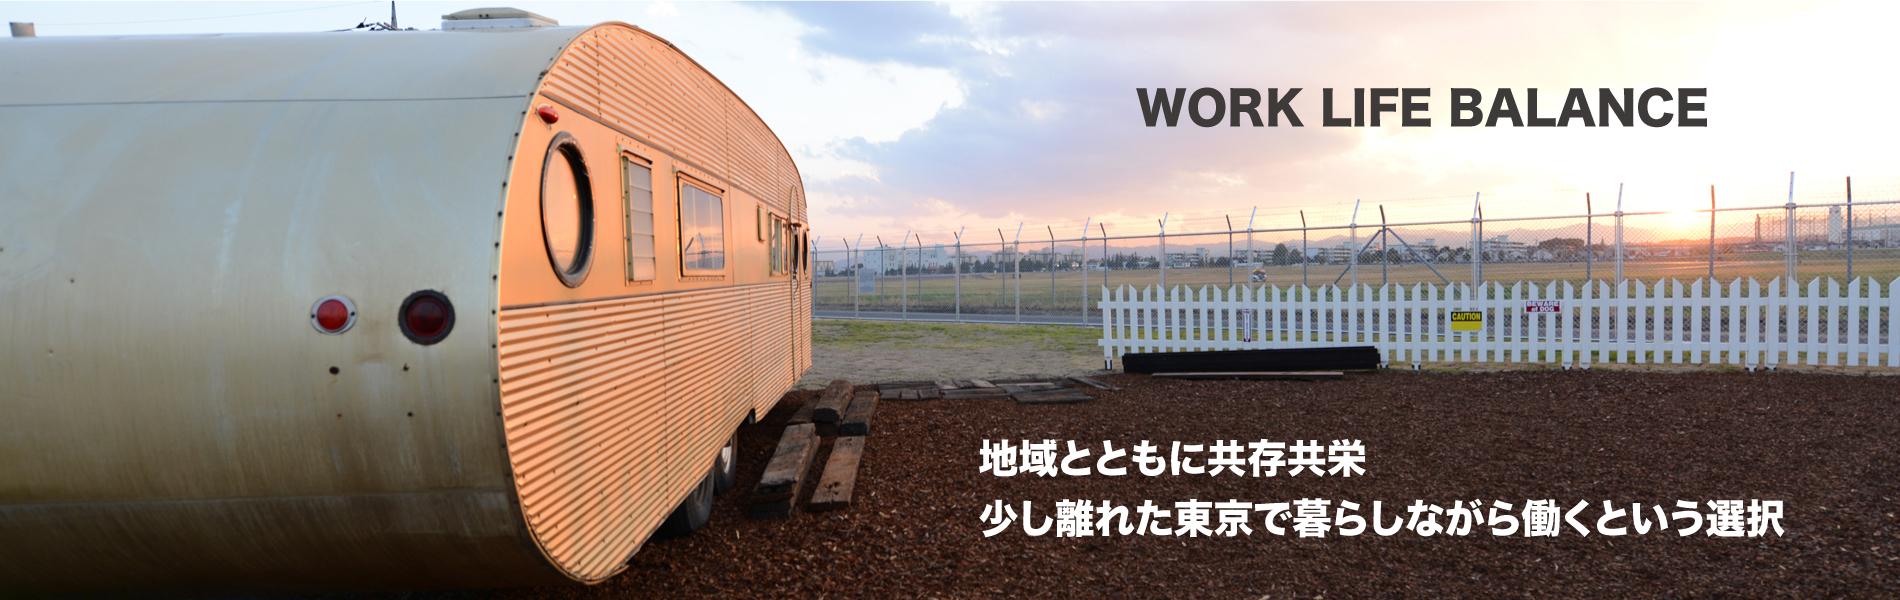 WORK LIFE BALANCE 〜地域とともに共存共栄 少し離れた東京で暮らしながら働くという選択〜